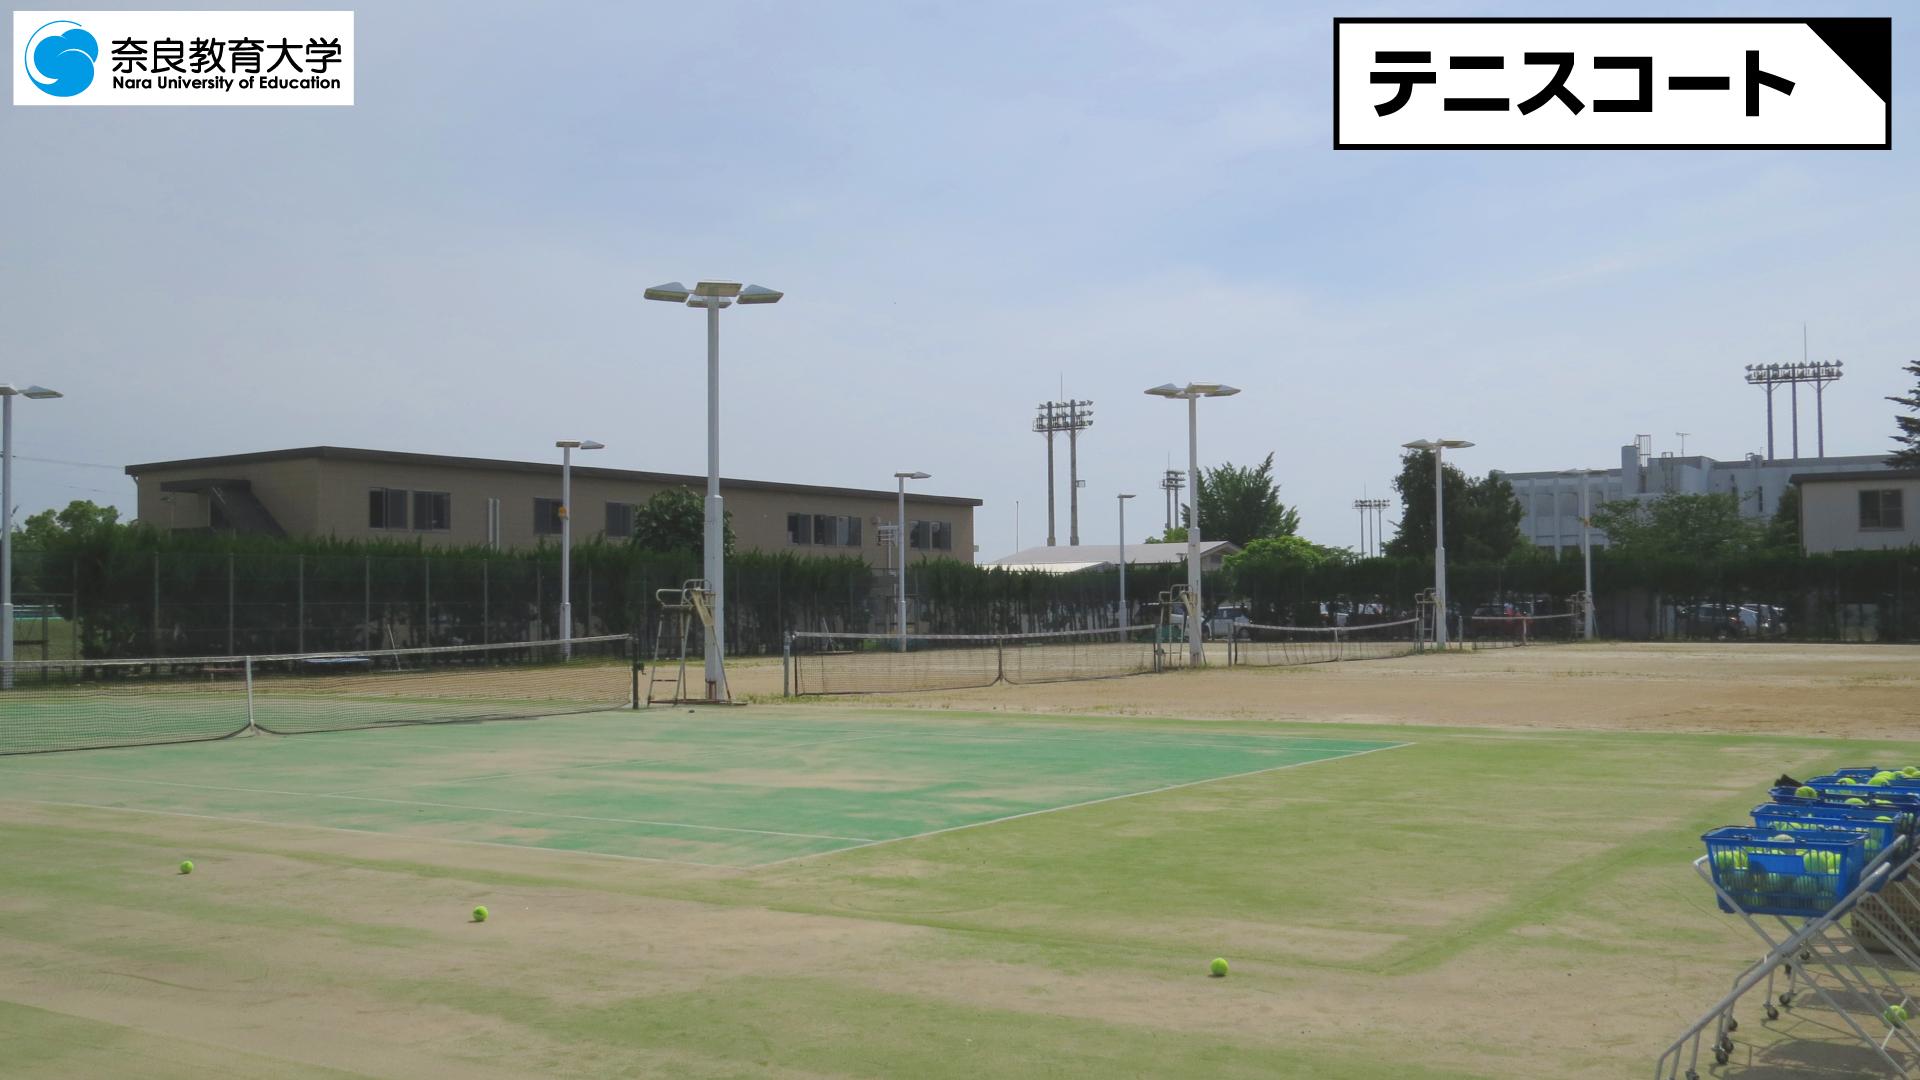 テニスコート.jpg